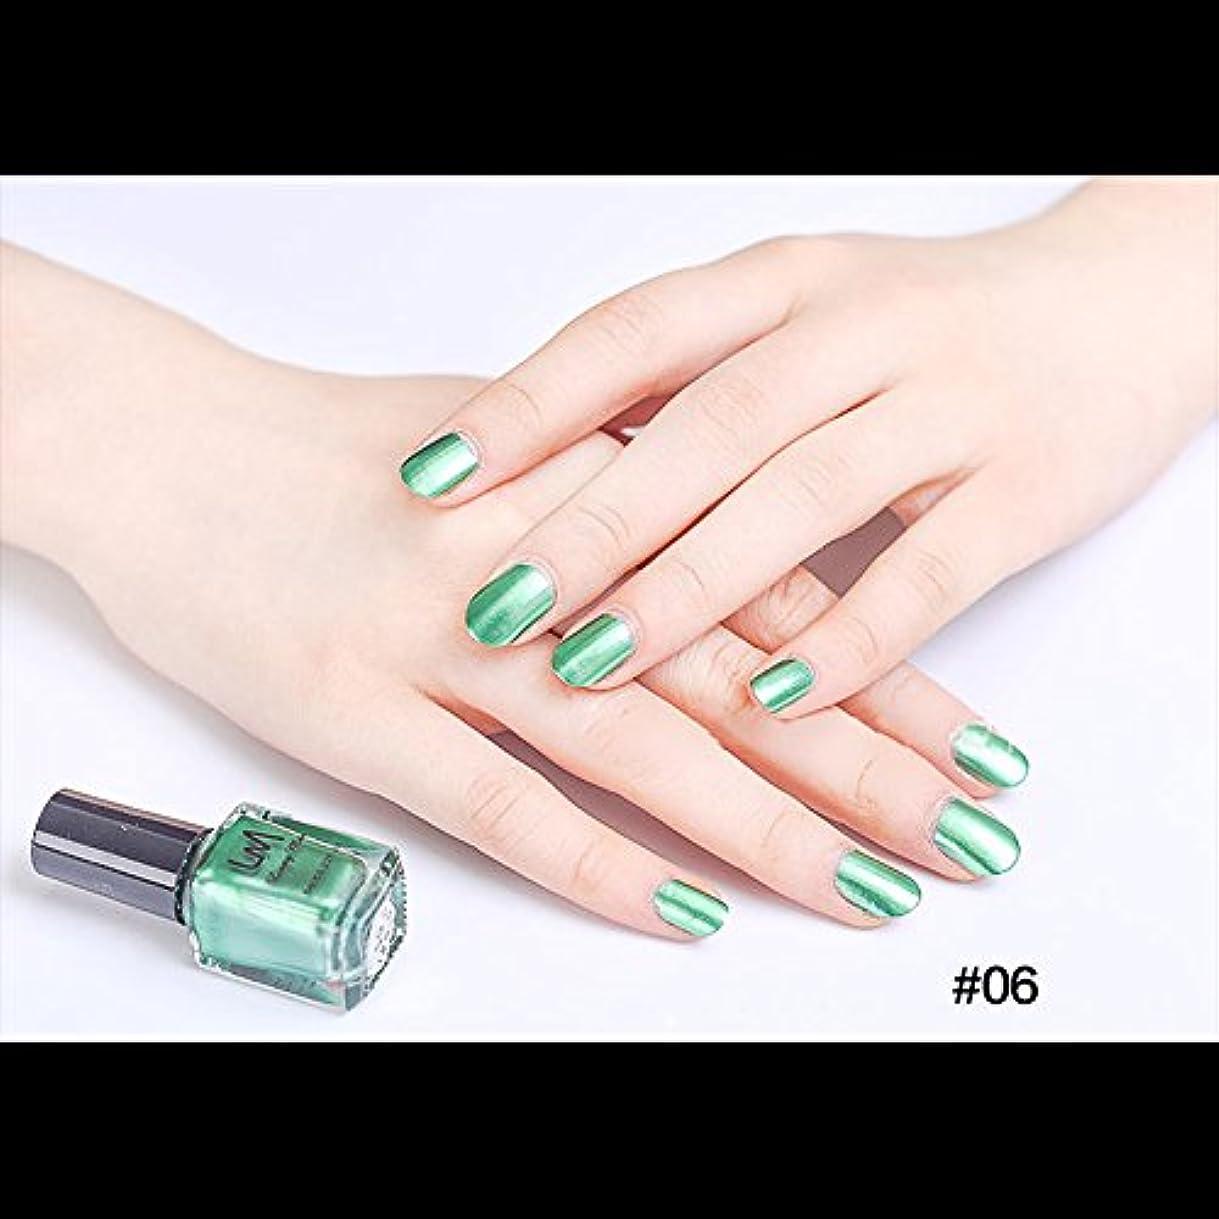 サイト痛みトーストhjuns-Wu マニキュア パール感 1ボトル 6ml ネイルポリッシュ(緑)